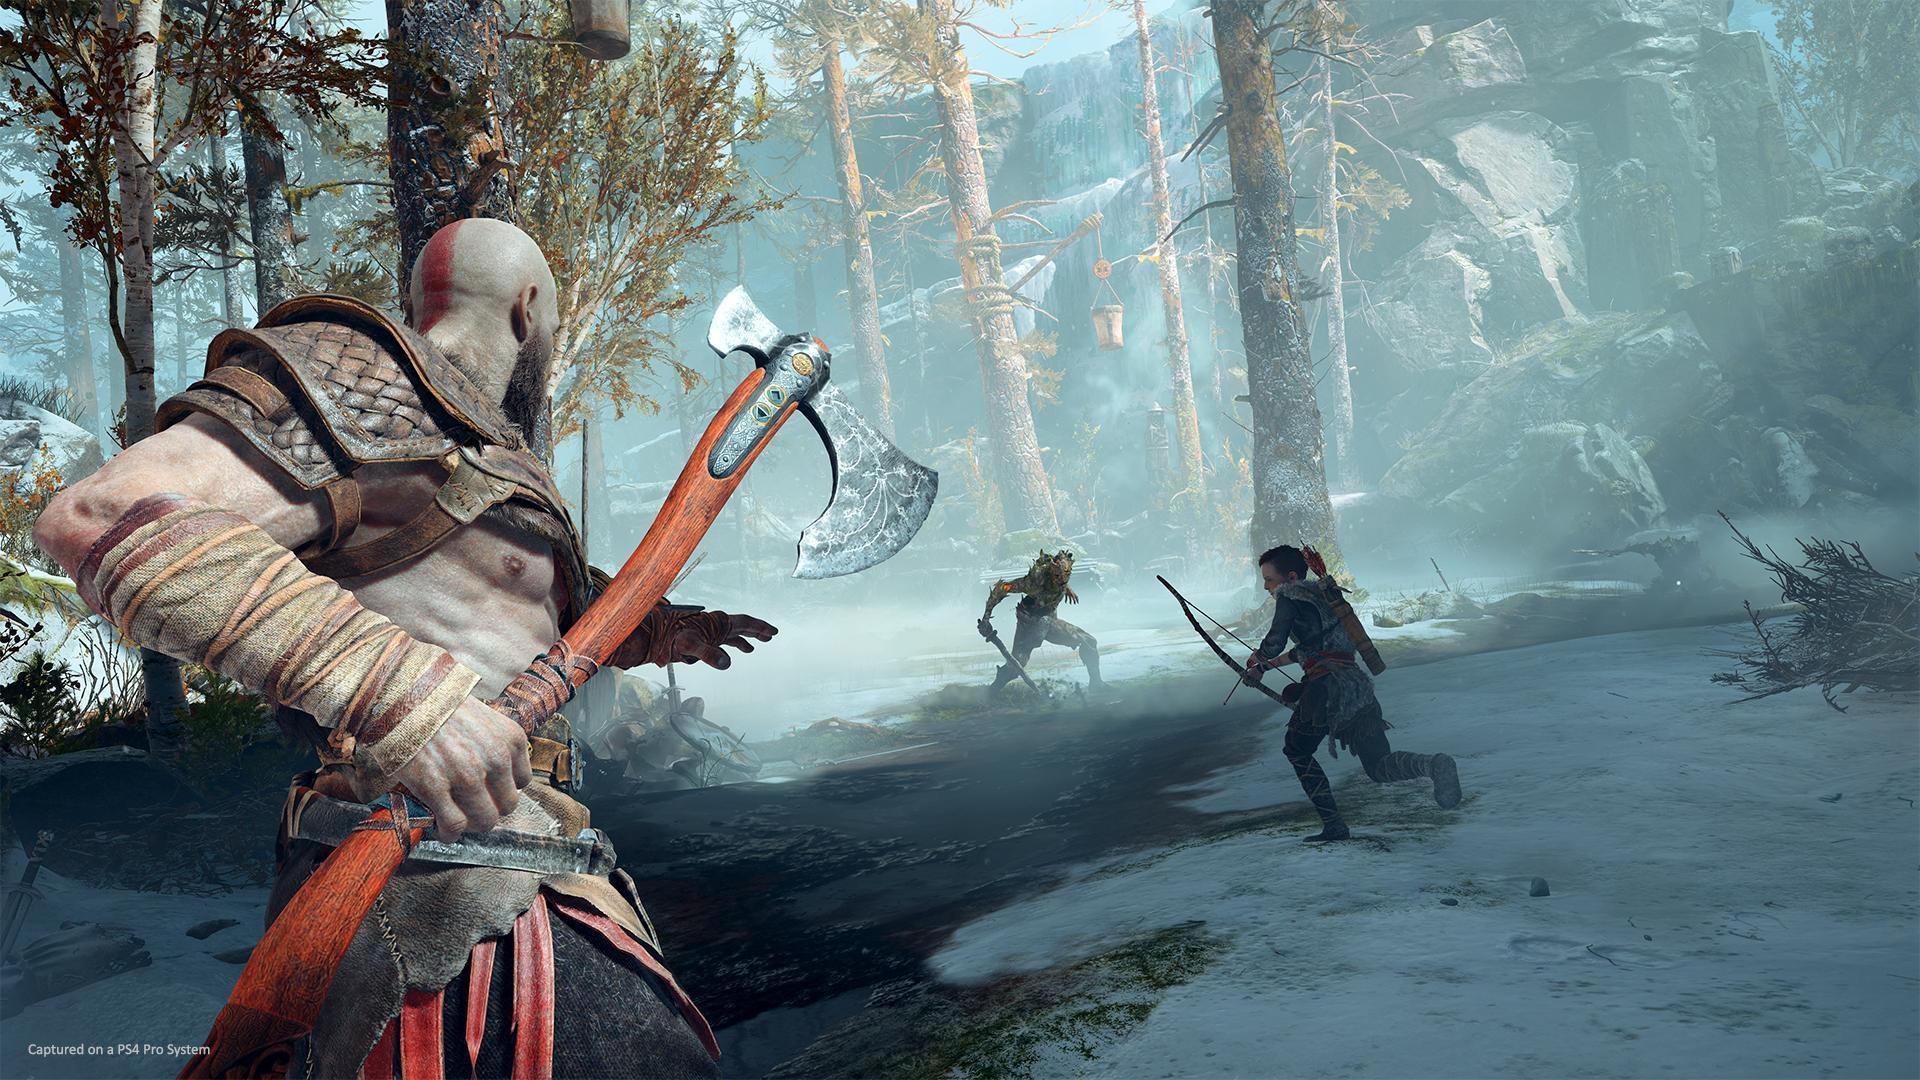 God of War - Tipps & Tricks zum Spielbeginn - Rage-Modus, Parieren & mehr